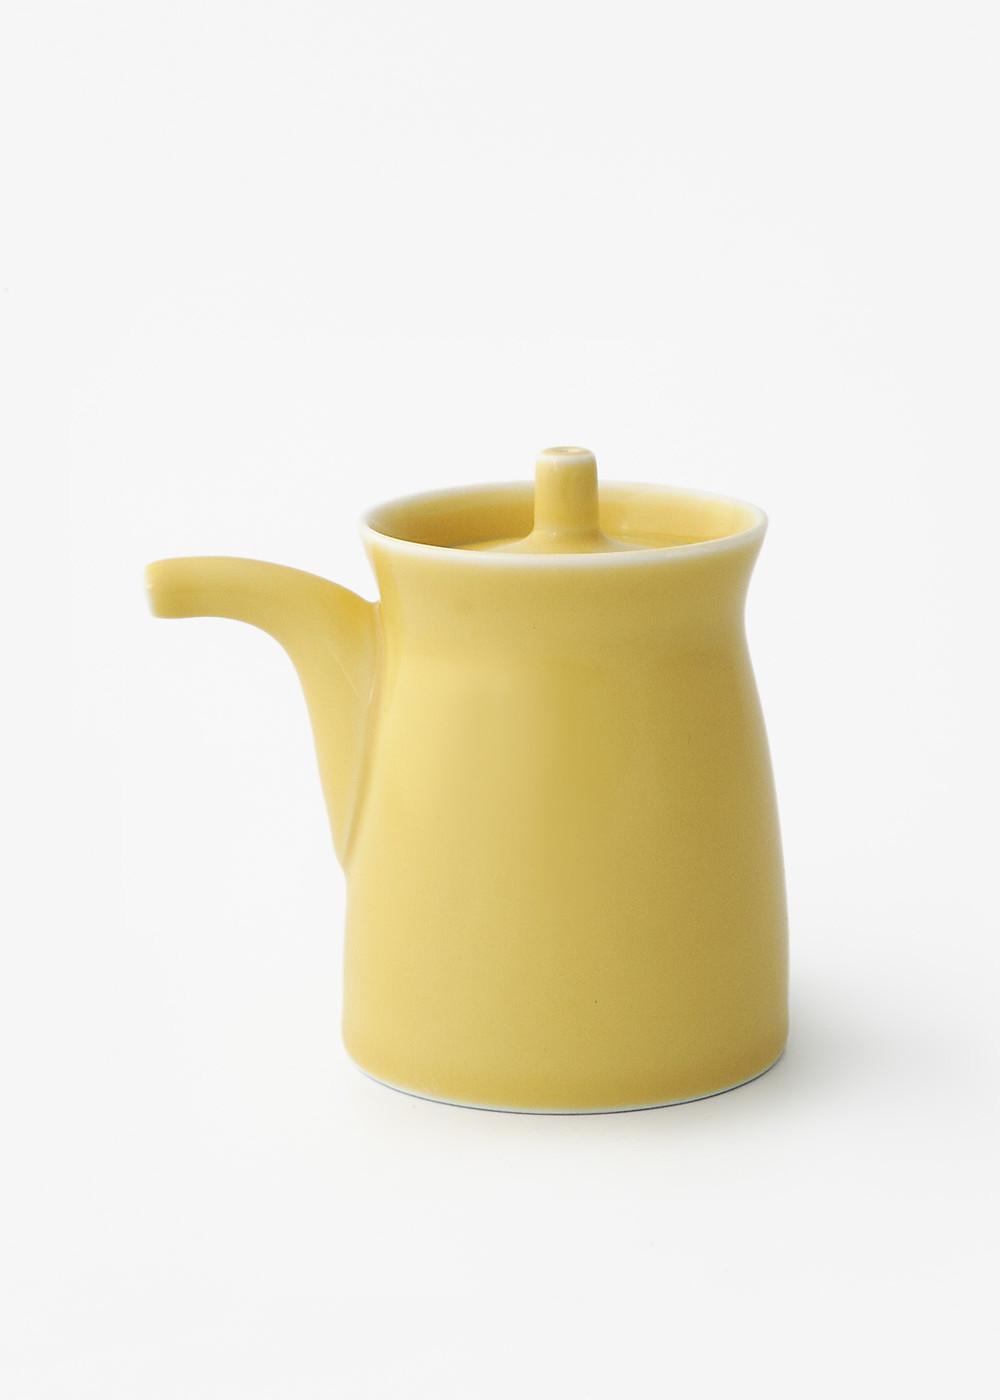 Hakusanporcelain-Gtype-Soy-Sauce-dispenser-Yellow1